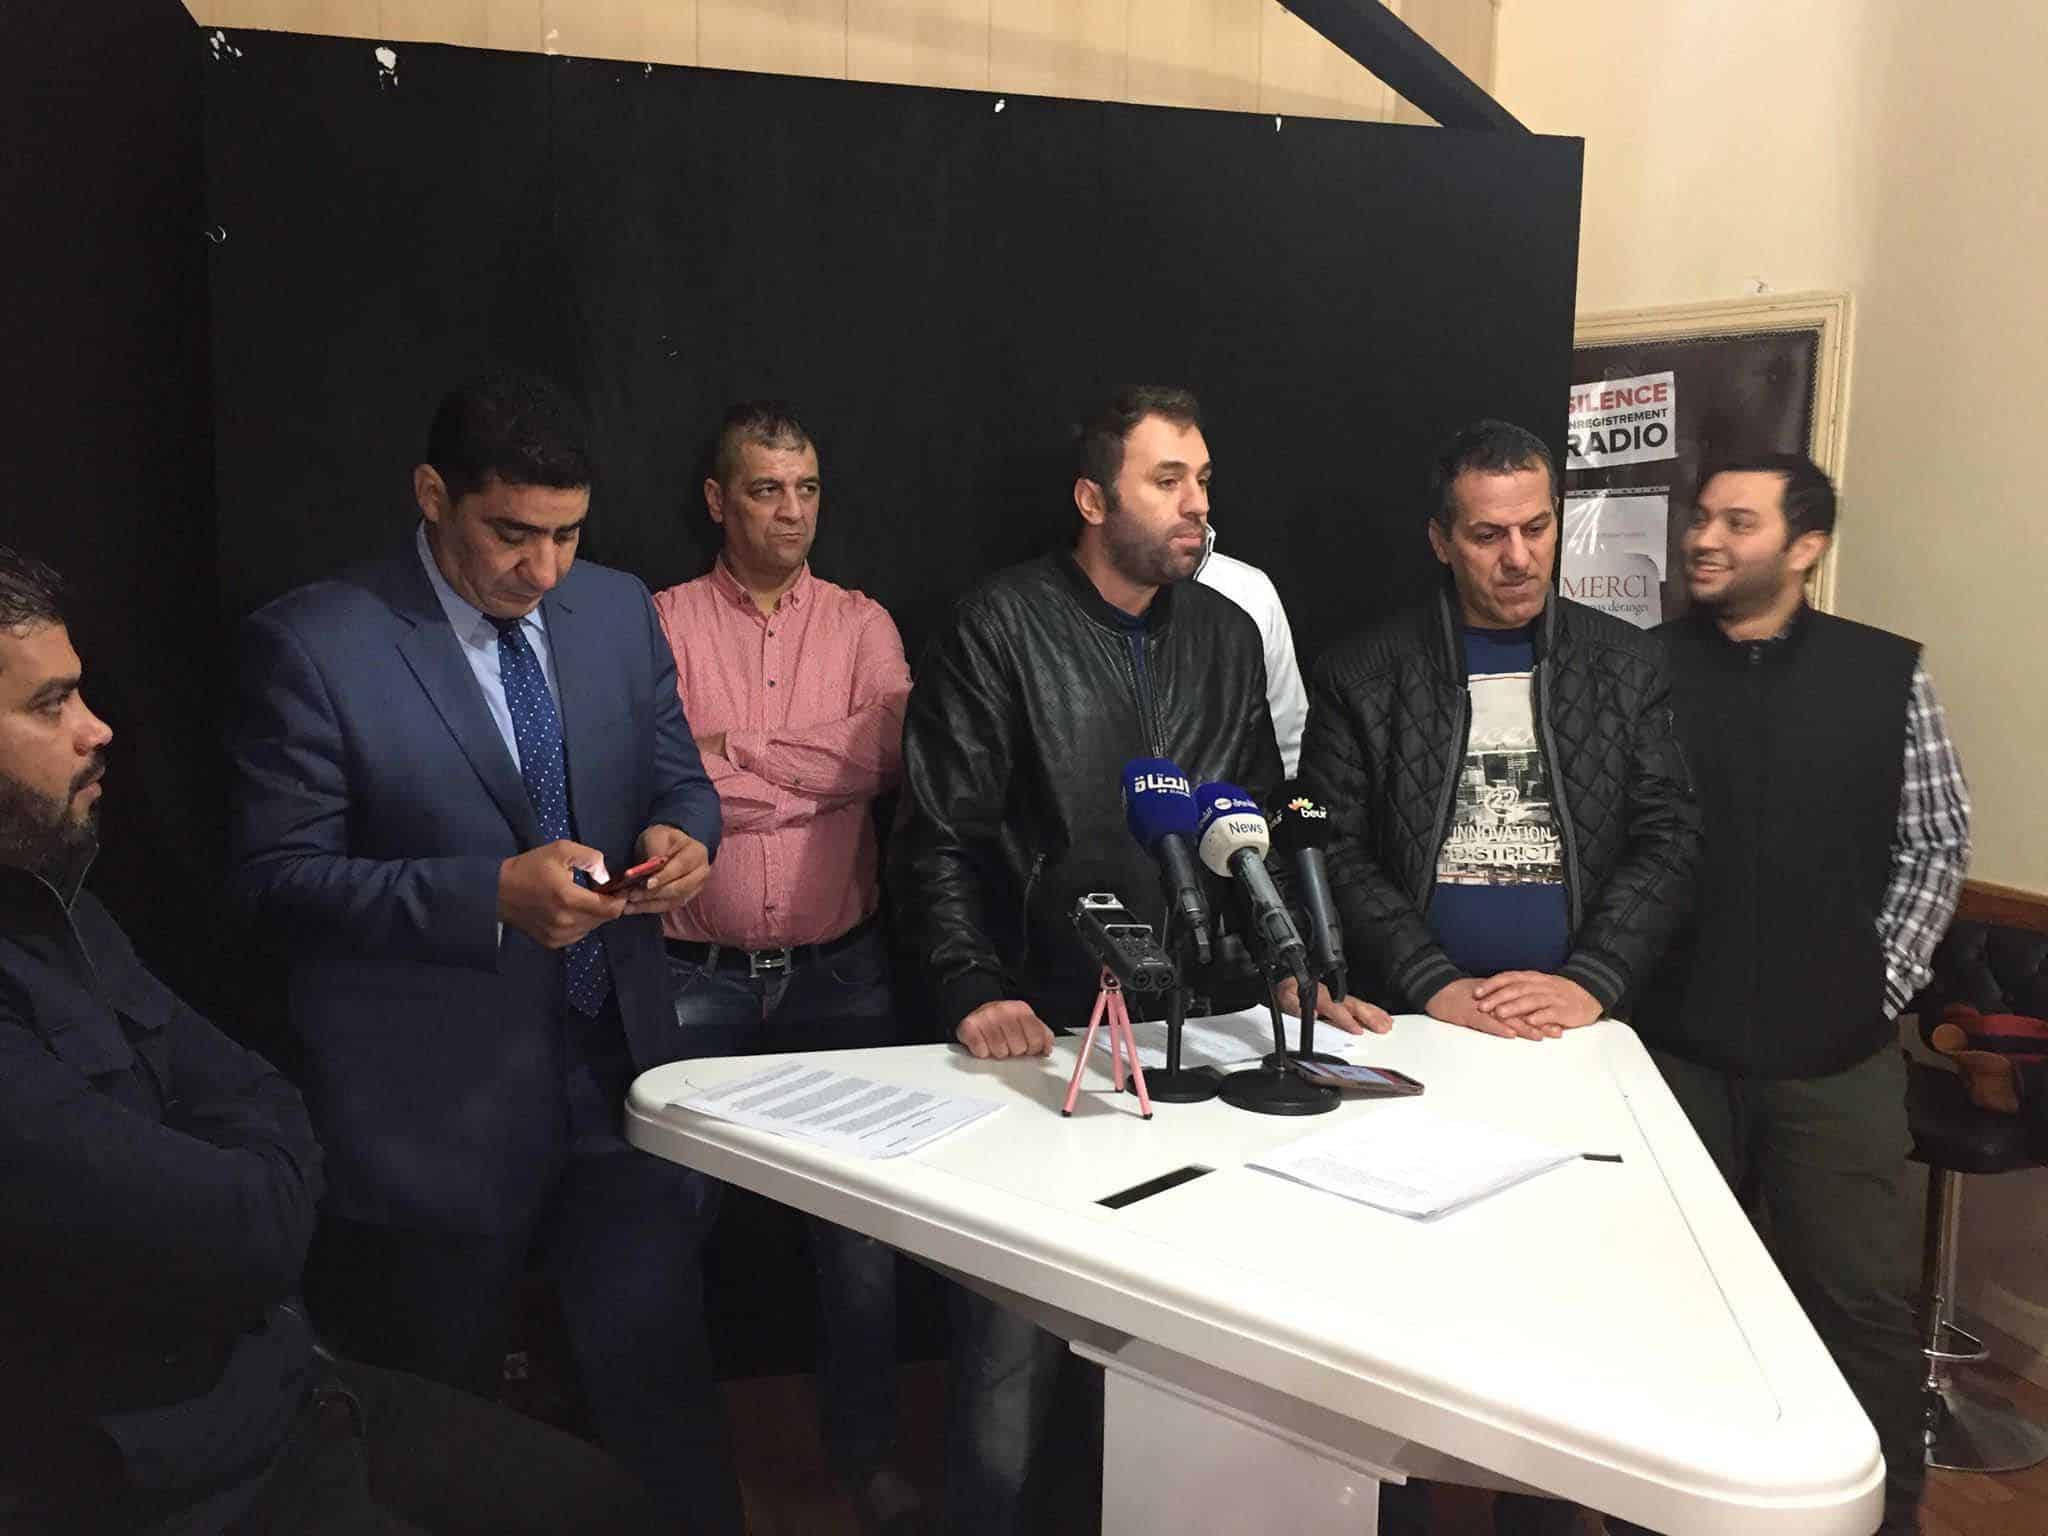 Les journalistes, artistes et footballeurs déjà emprisonnés déposent plainte contre Ennahar TV et Anis Rahmani